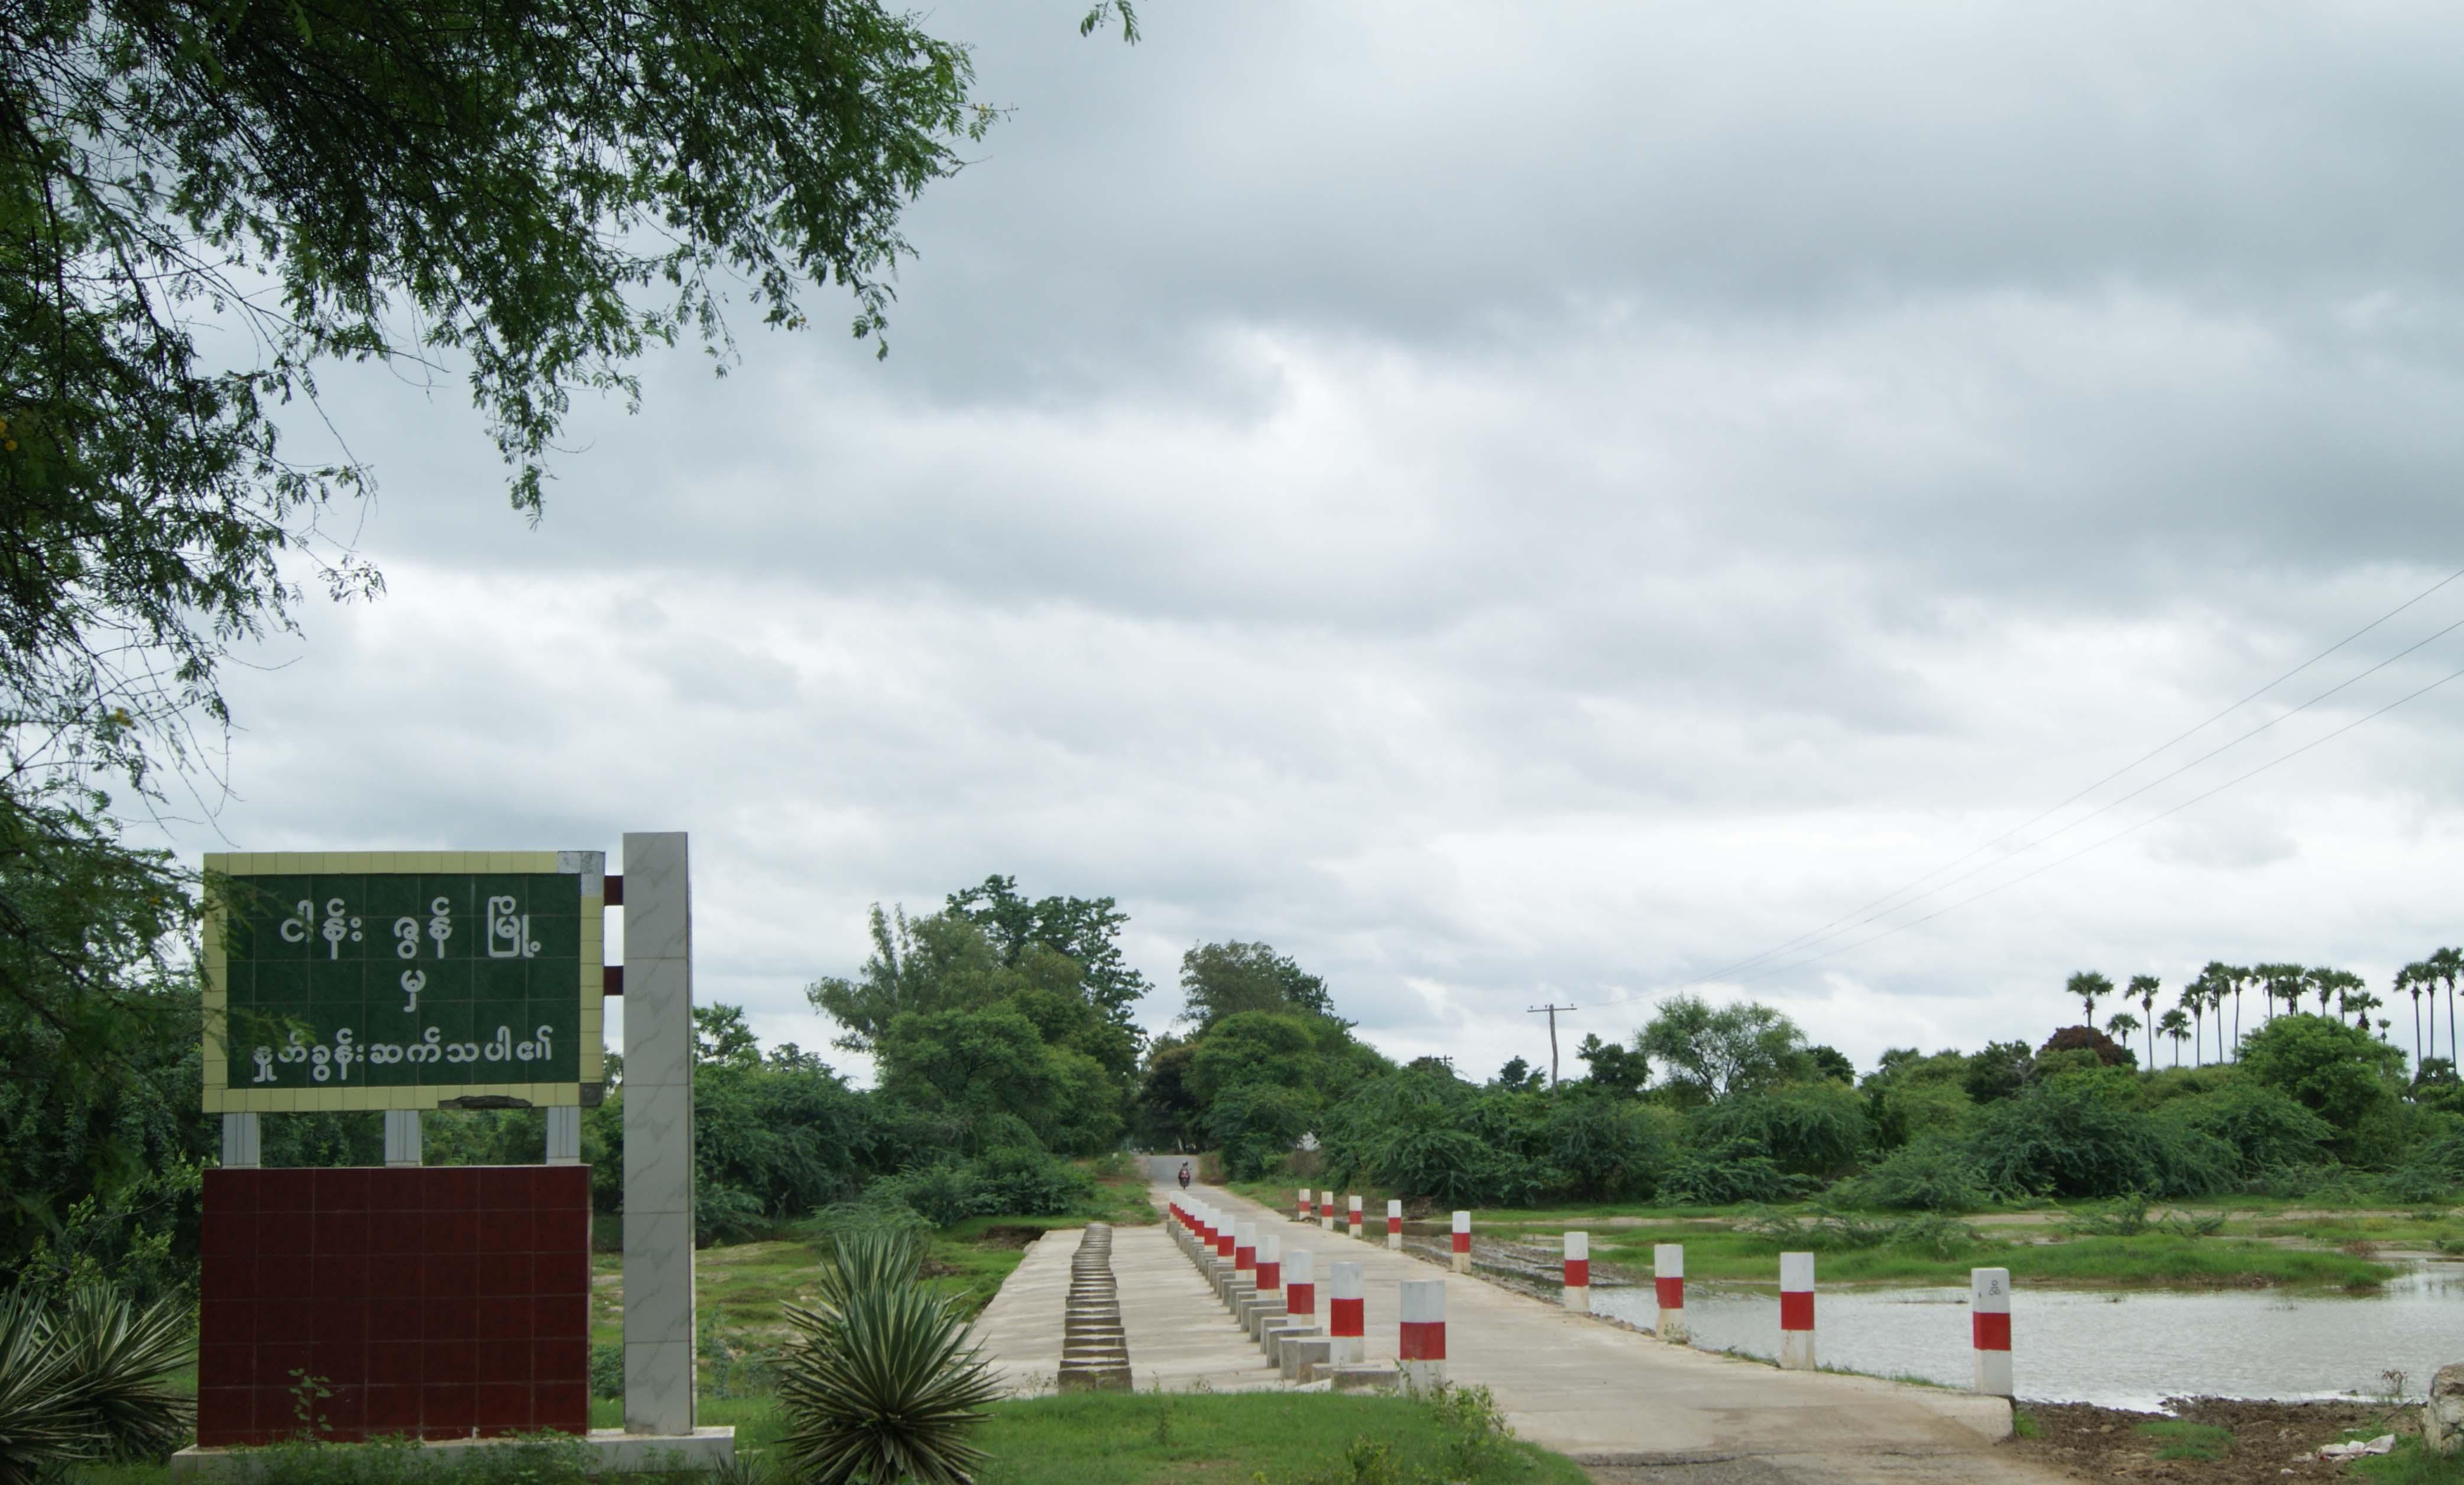 ငါန်းဇွန်မြို့နယ် - ဝီကီပီးဒီးယား